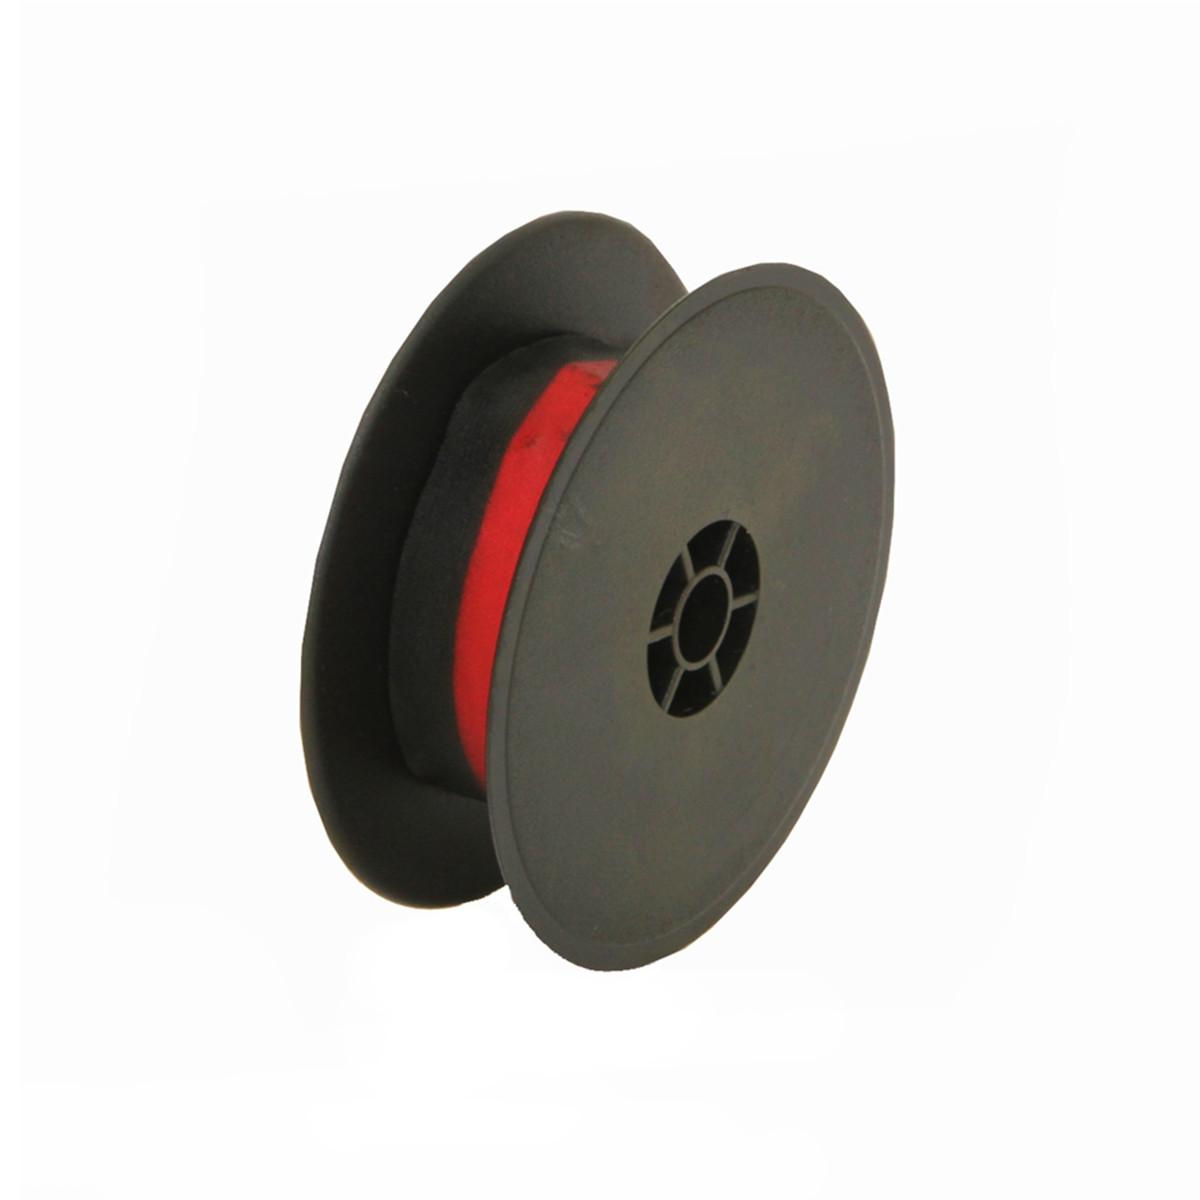 Fita para Máquina de Escrever Olivetti Universal 13mm x 8m Preto e Vermelho Nylon PV | 12 Unidades